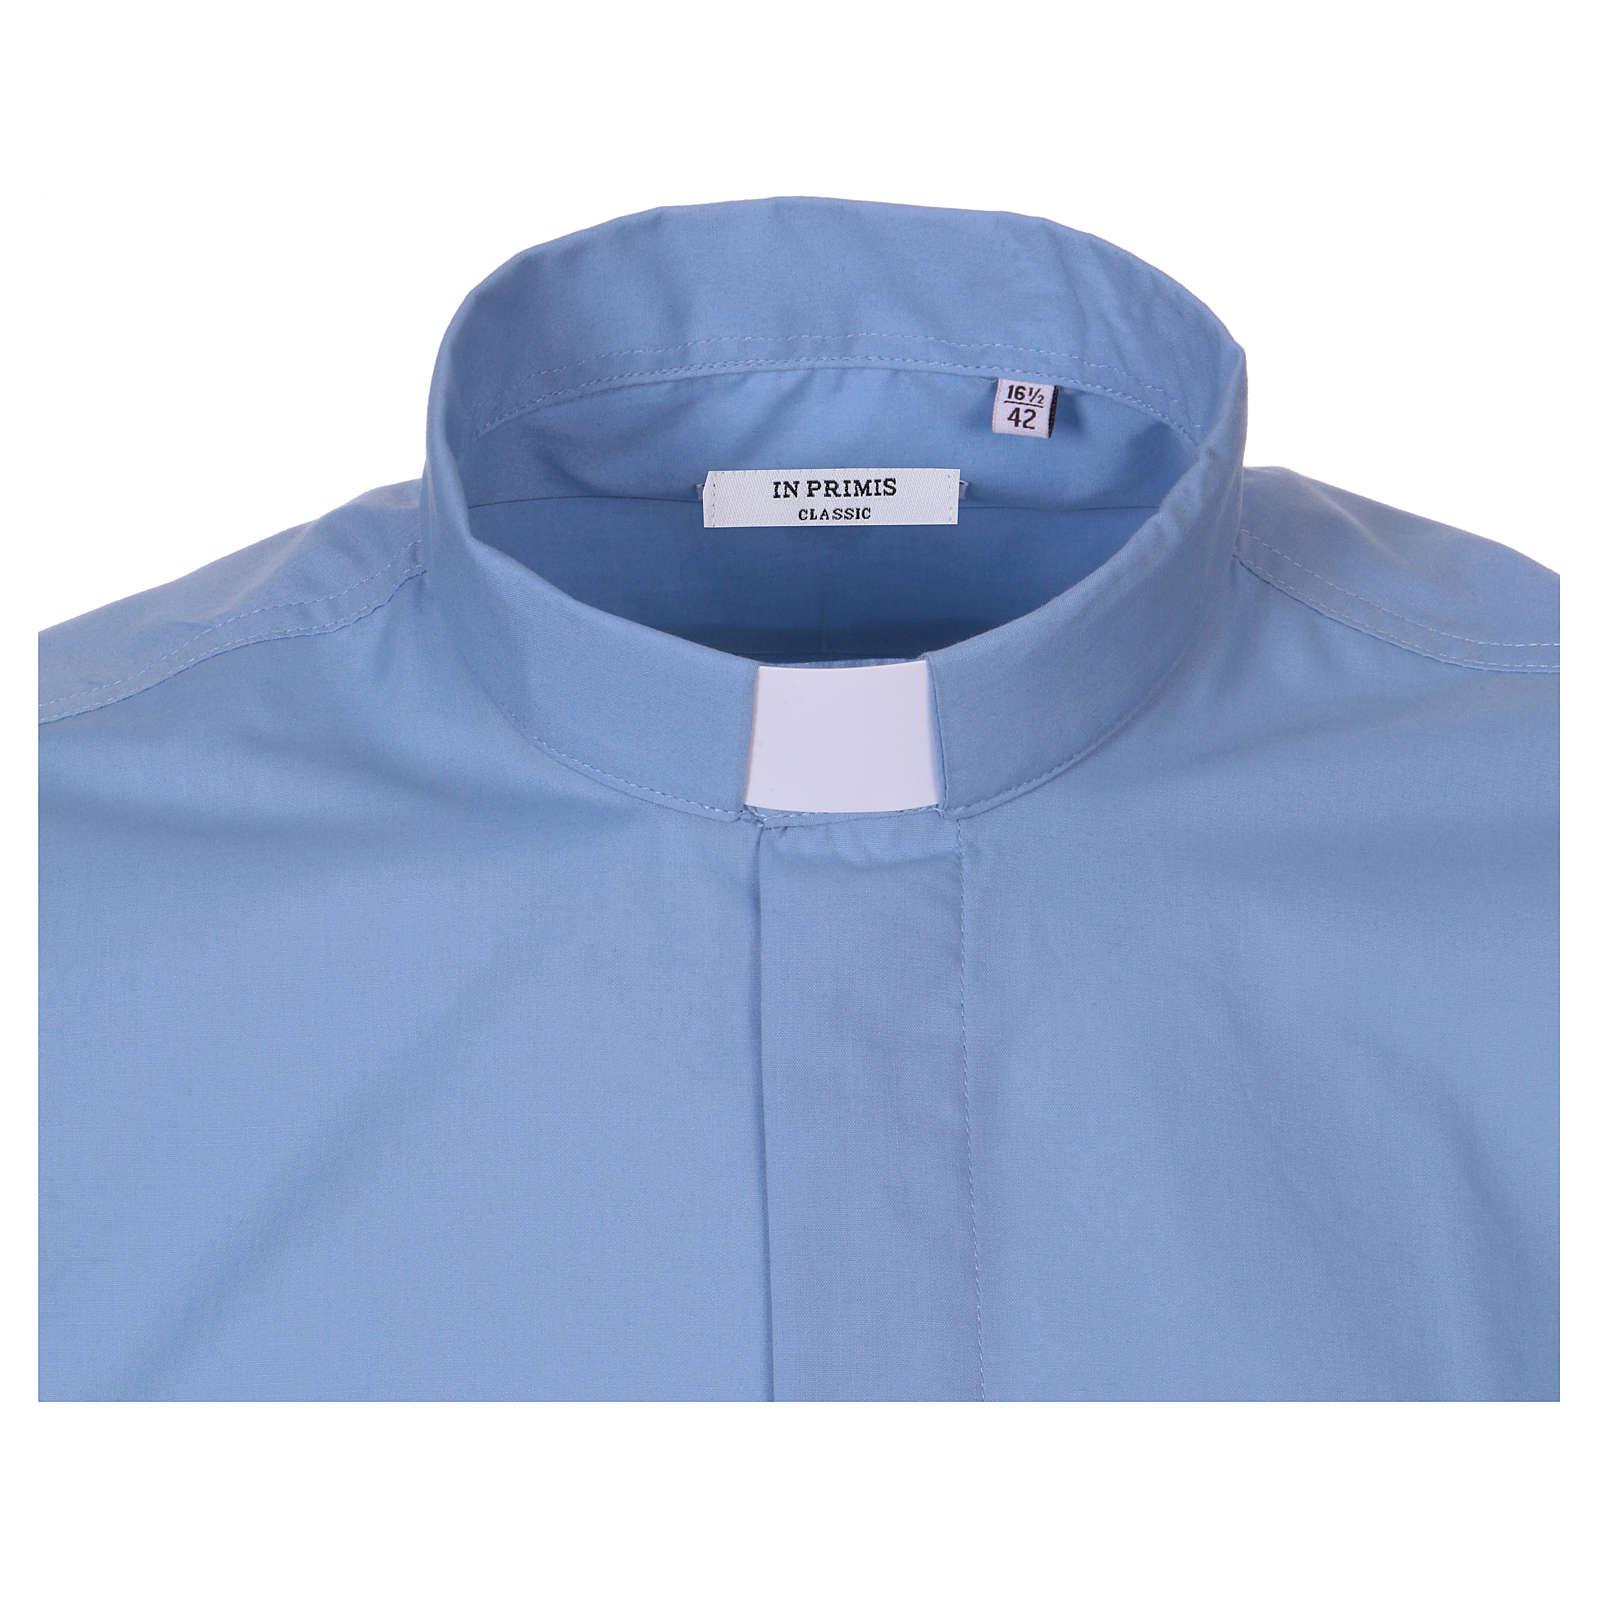 Chemise Clergyman manches courtes mixte coton bleu clair In Primis 4